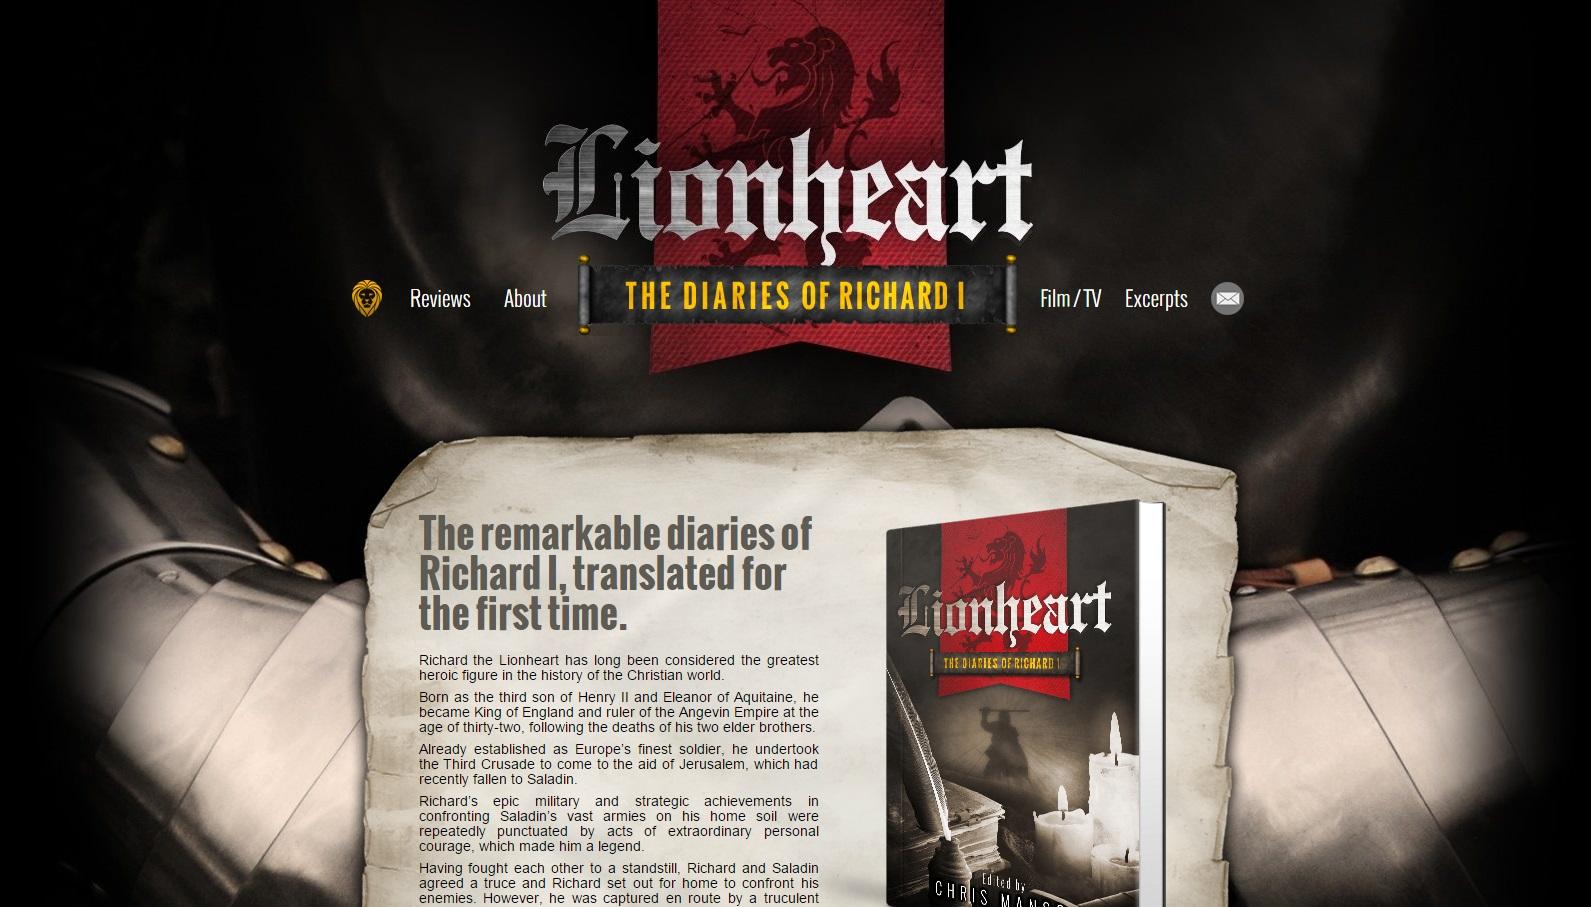 Lionheart - the hidden diaries of Richard I